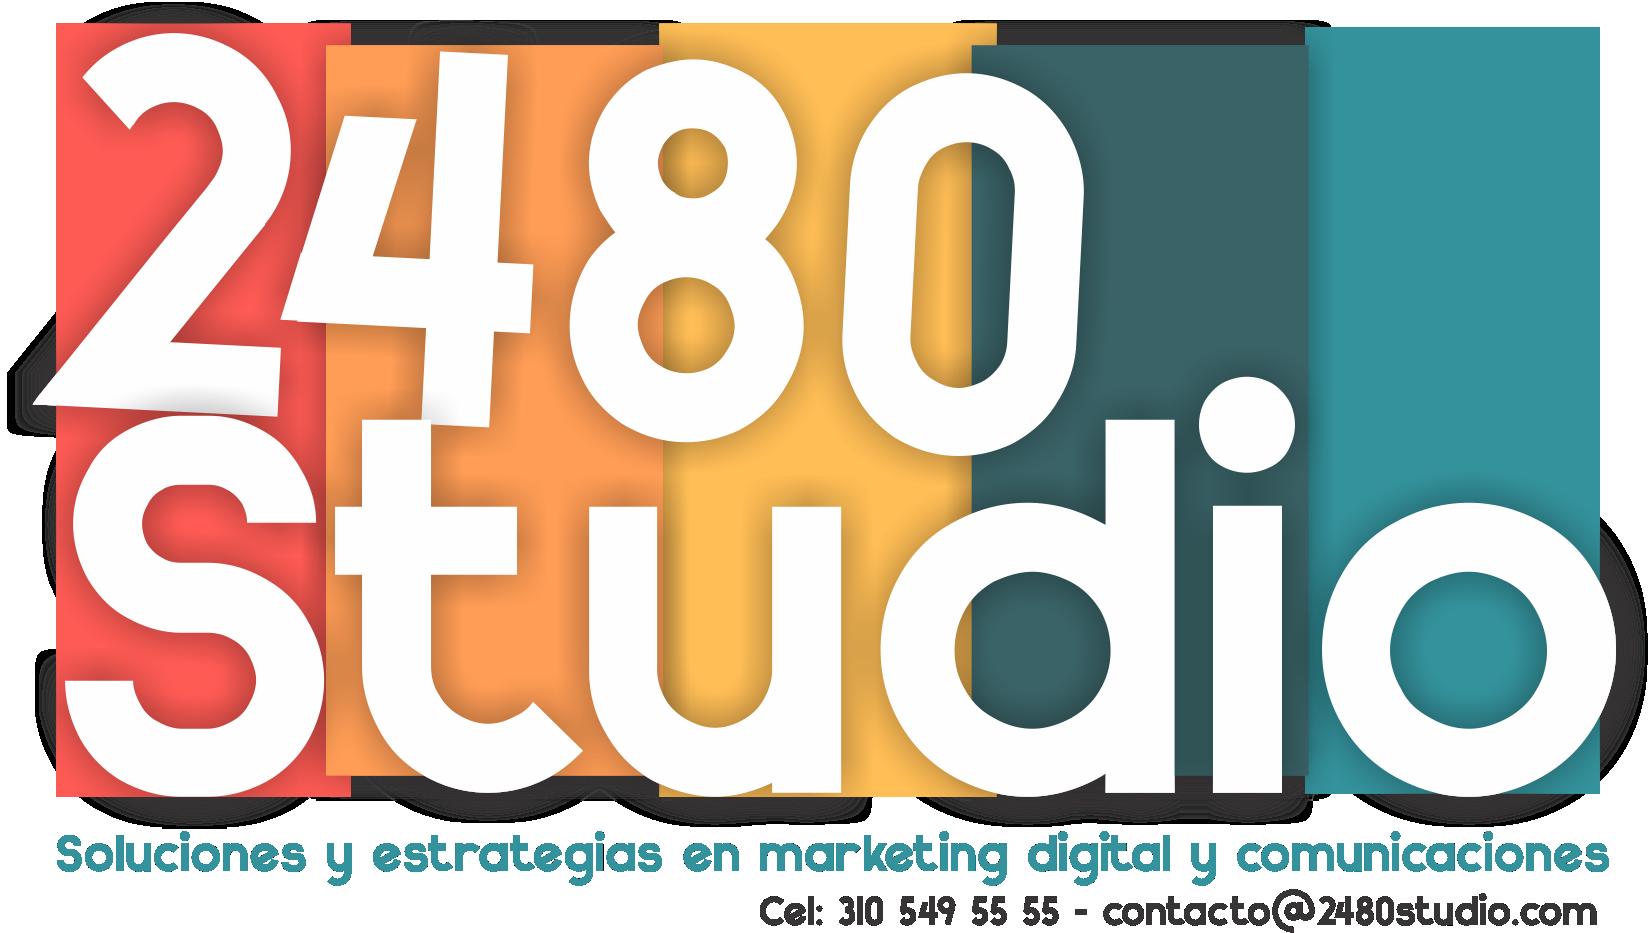 2480 Studio